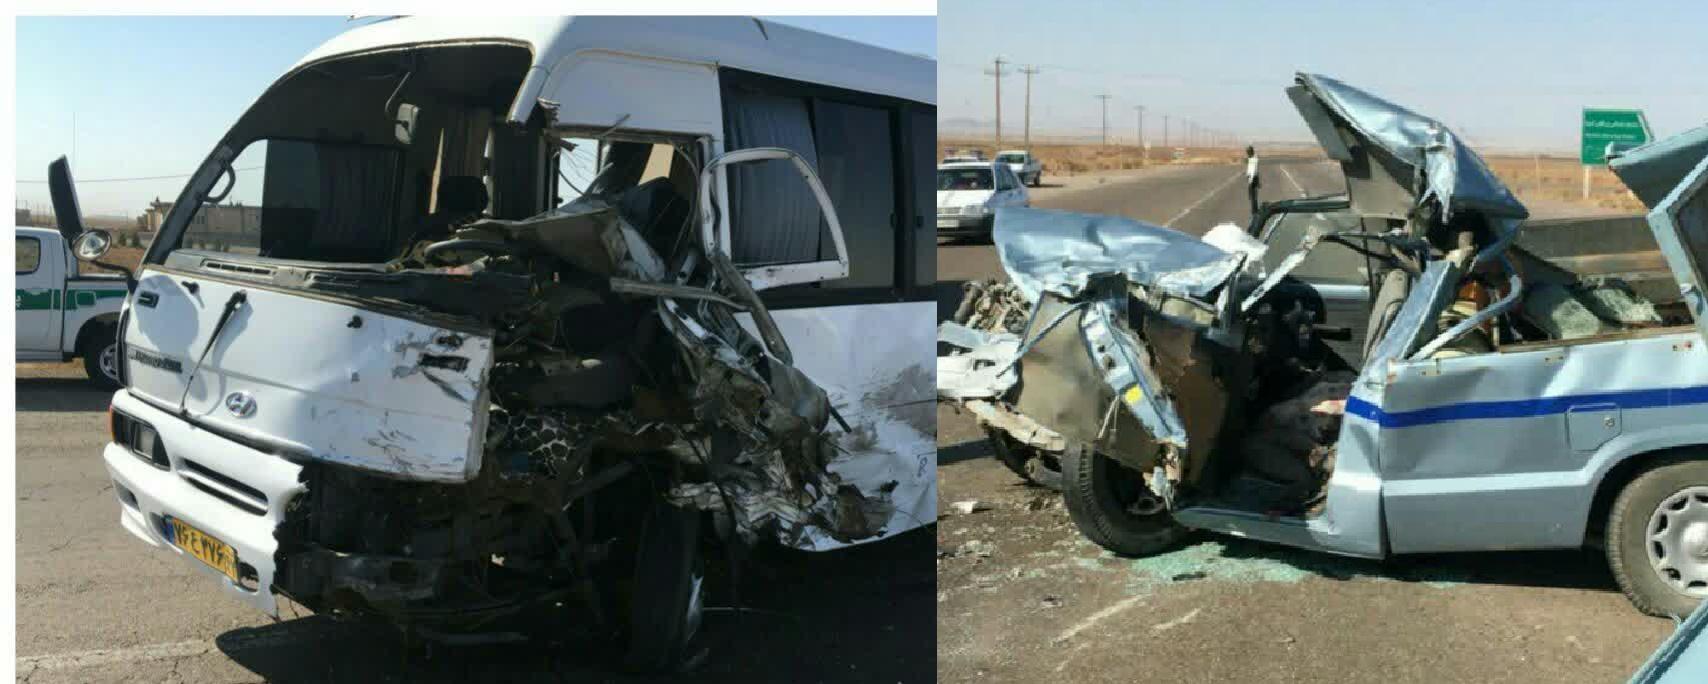 تصادف شدید در جاده خواف-تایباد یک کشته بر جای گذاشت.